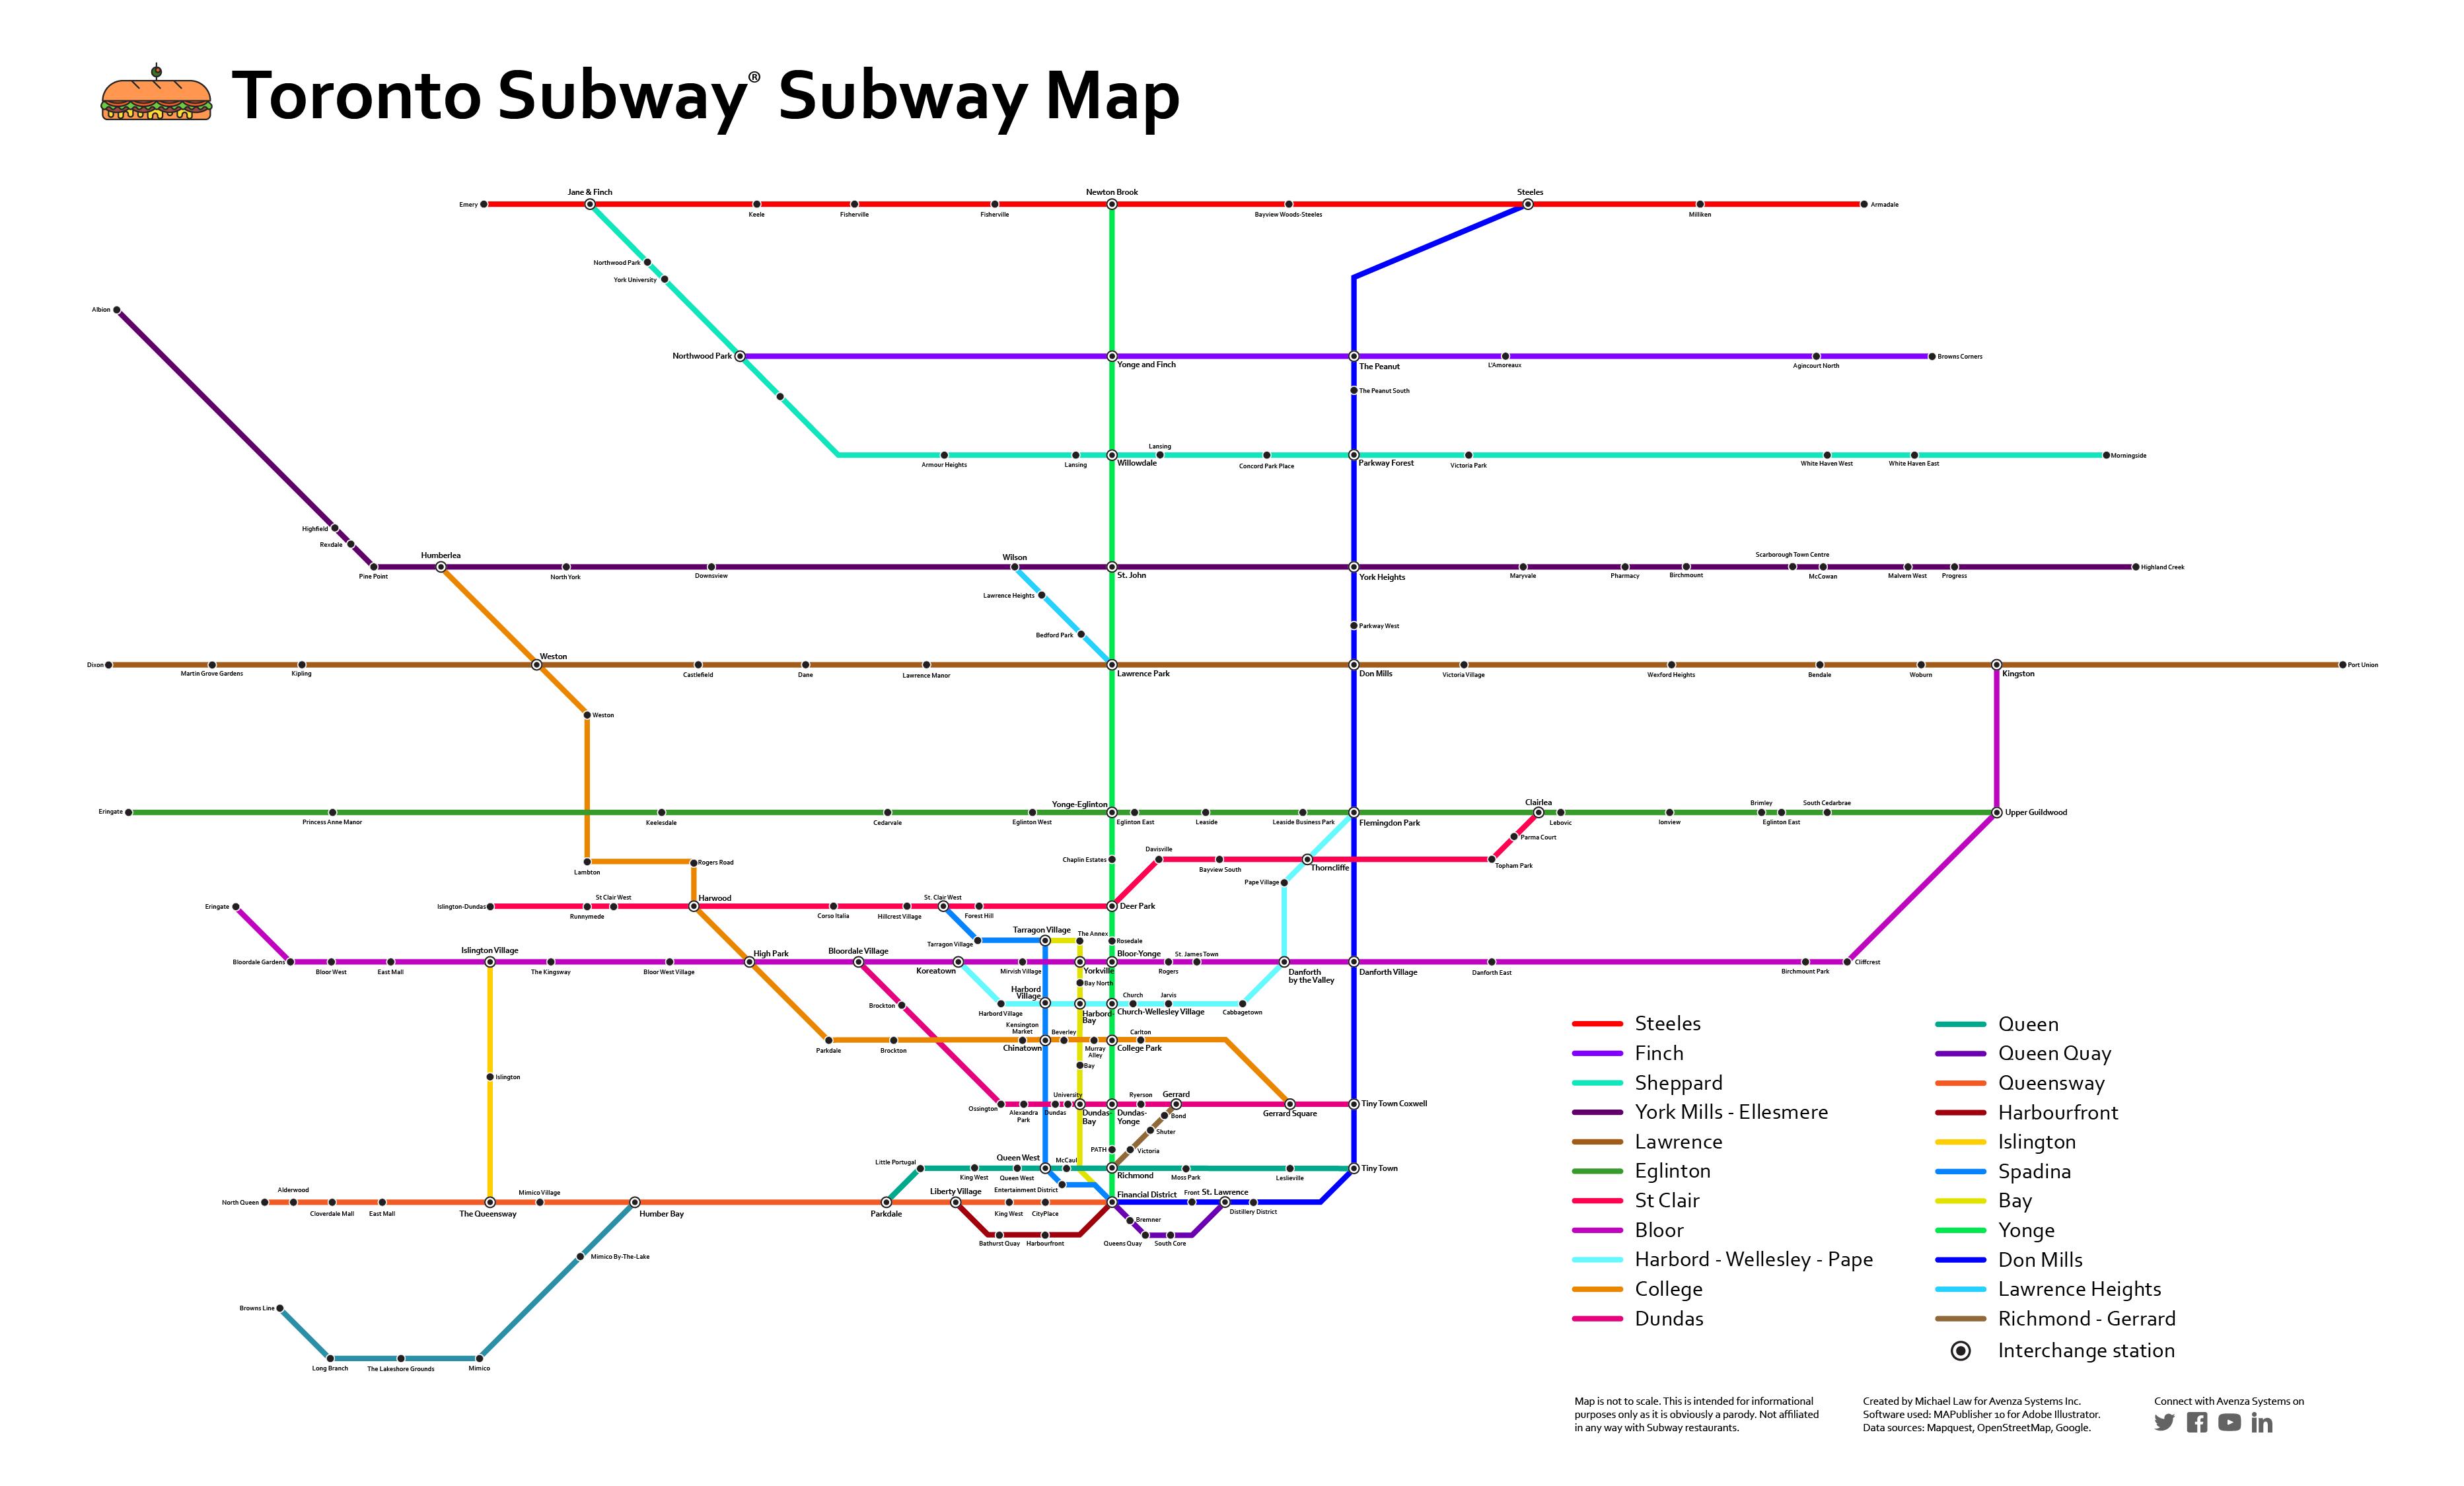 Toronto Subway subway map